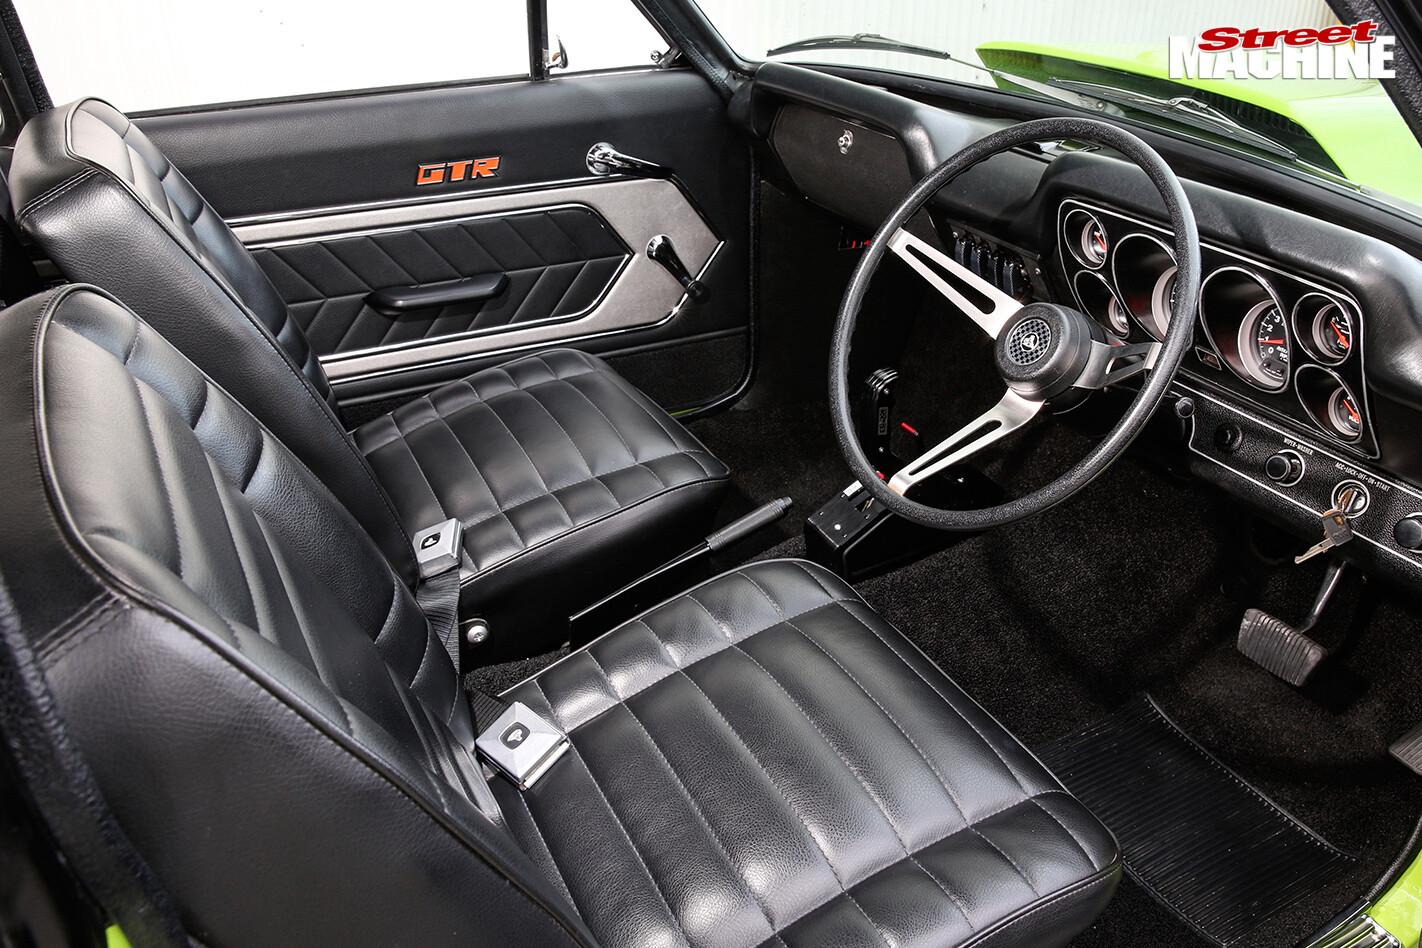 383-STROKER-LC-TORANA-STREETER-interior